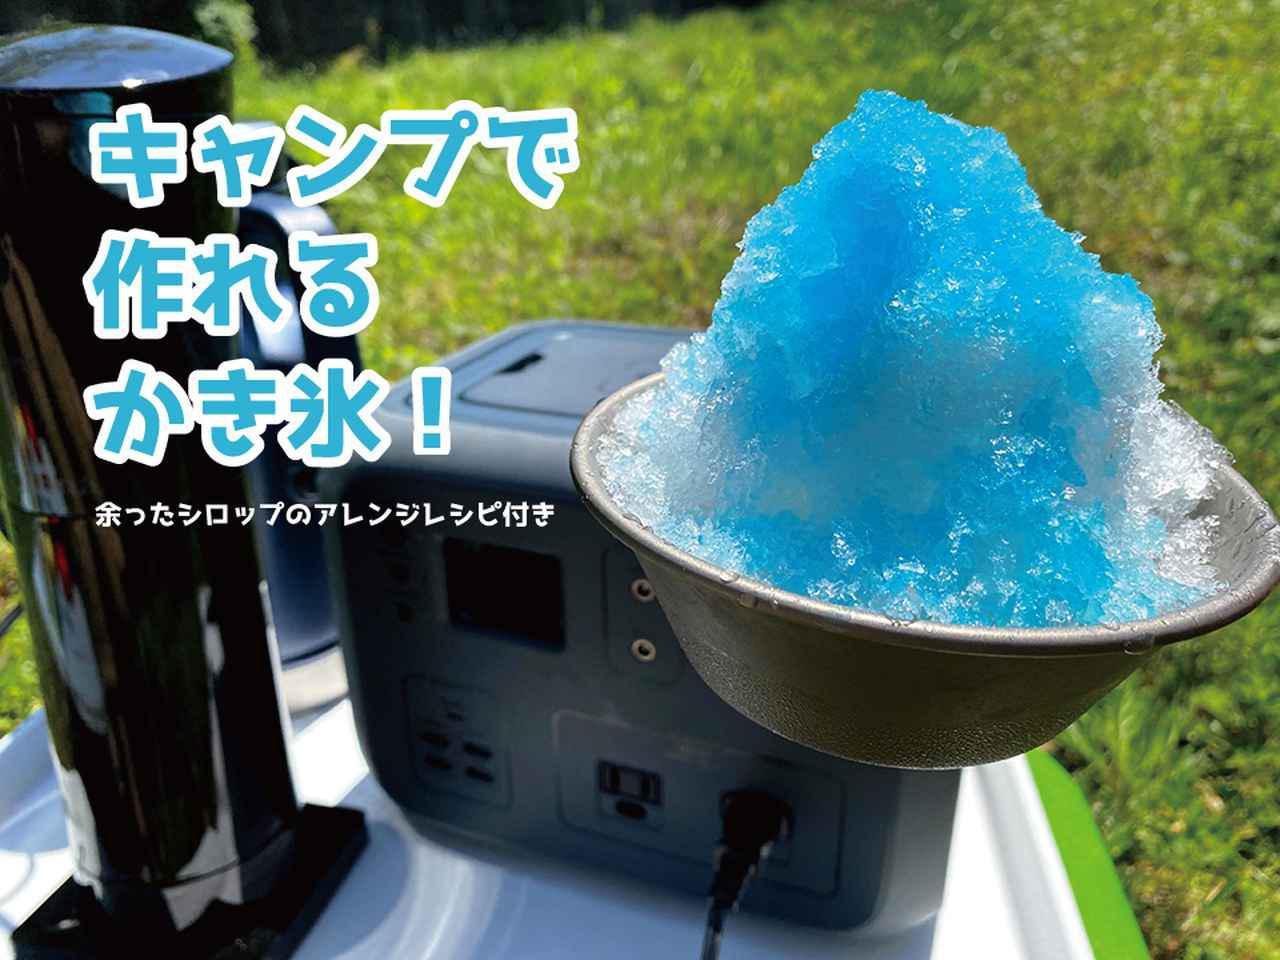 画像: 夏キャンプでかき氷を作ろう!アウトドアでの氷保存方法&かき氷器なしでも作れる方法...などご紹介 - ハピキャン|キャンプ・アウトドア情報メディア